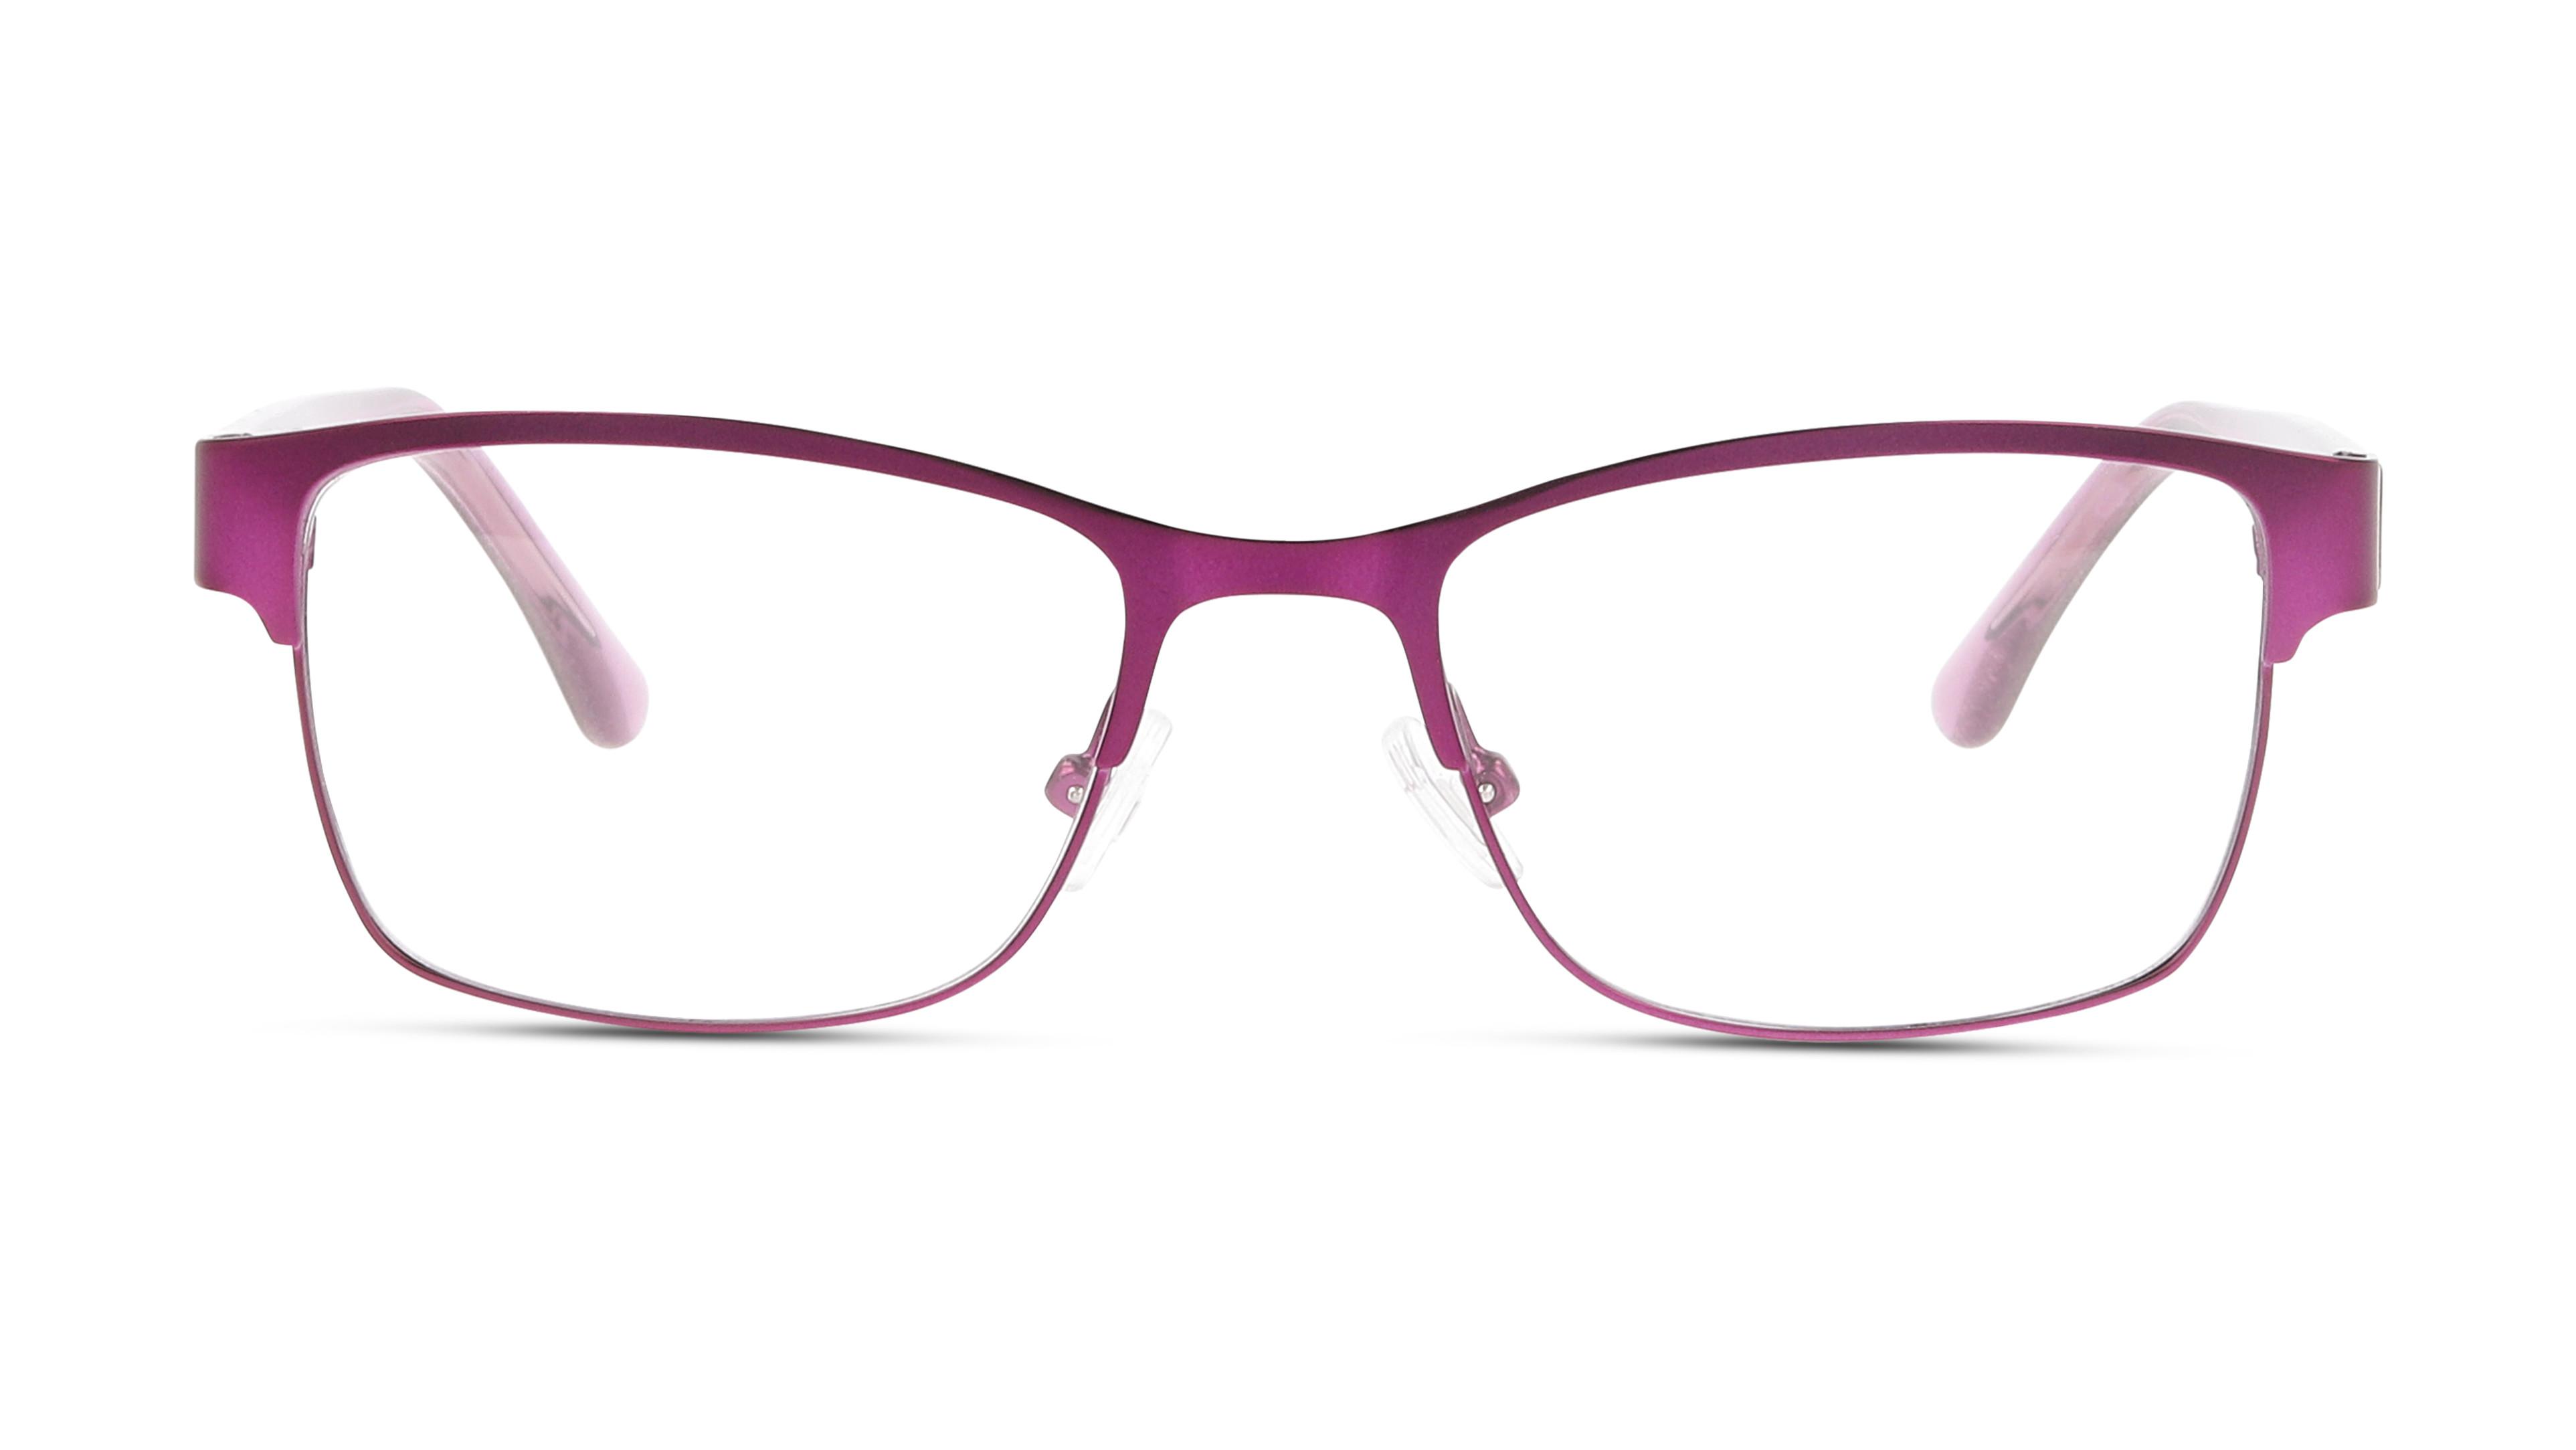 8719154739361-front-Unofficial-Brillenfassung-unot0015-myself-pink-pink